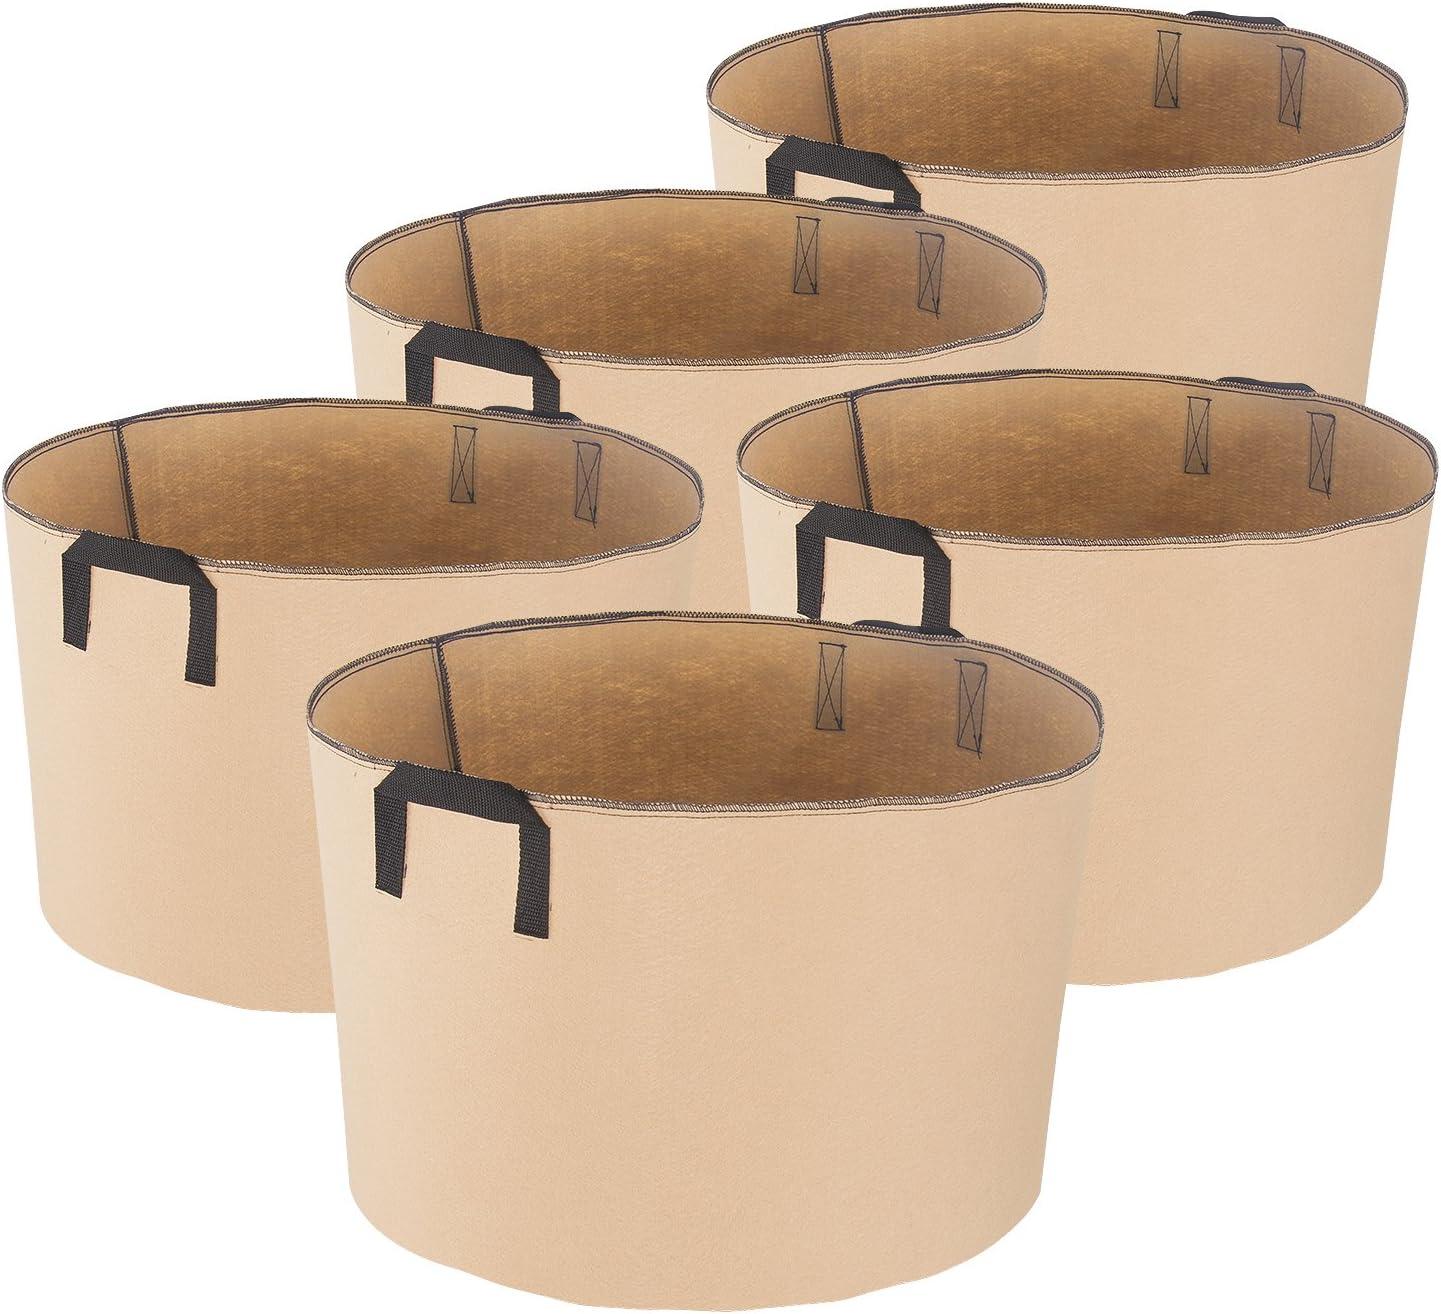 iPower GLGROWBAG15X5 Recipiente para macetas de aireación de tela para jardín y plantación con asas de correa para vivero, 15 galones, bronceado